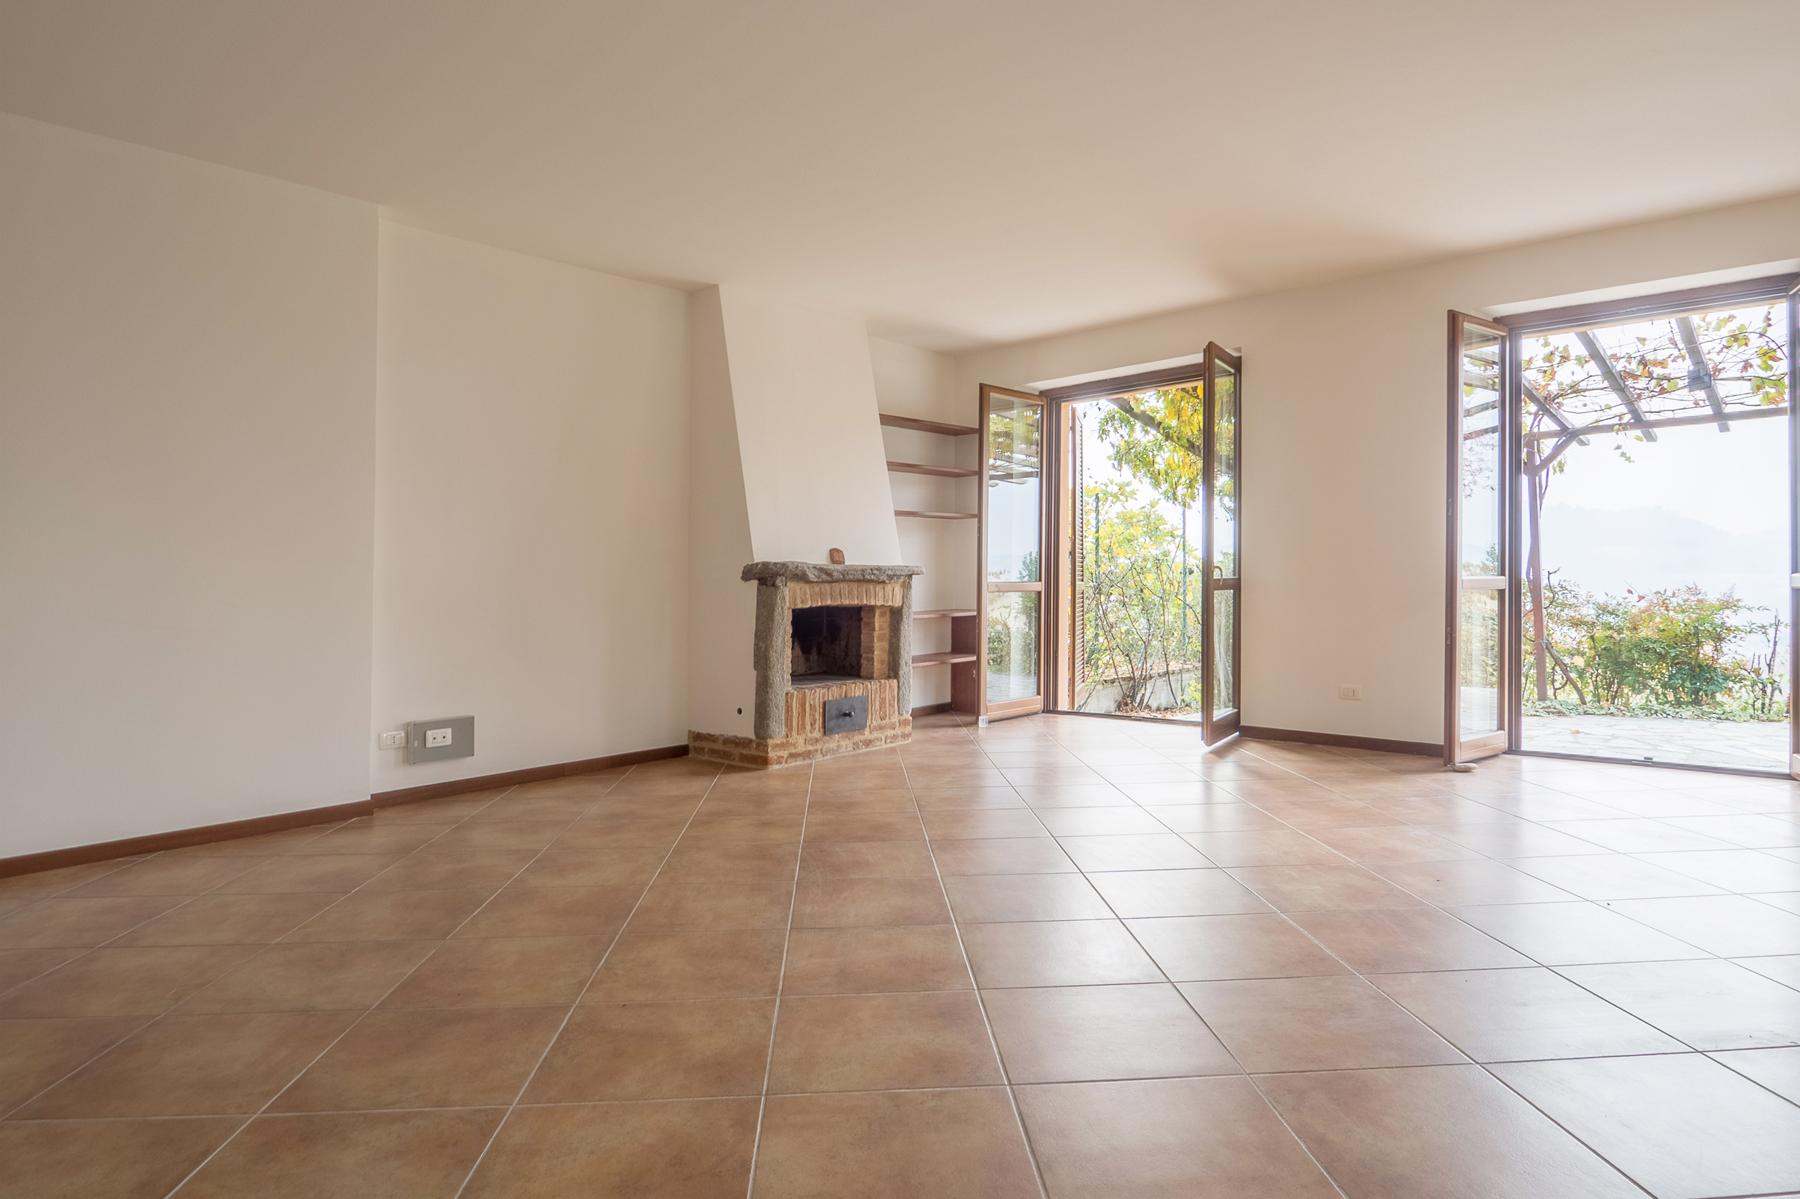 Appartamento in Vendita a Vignale Monferrato: 5 locali, 300 mq - Foto 5